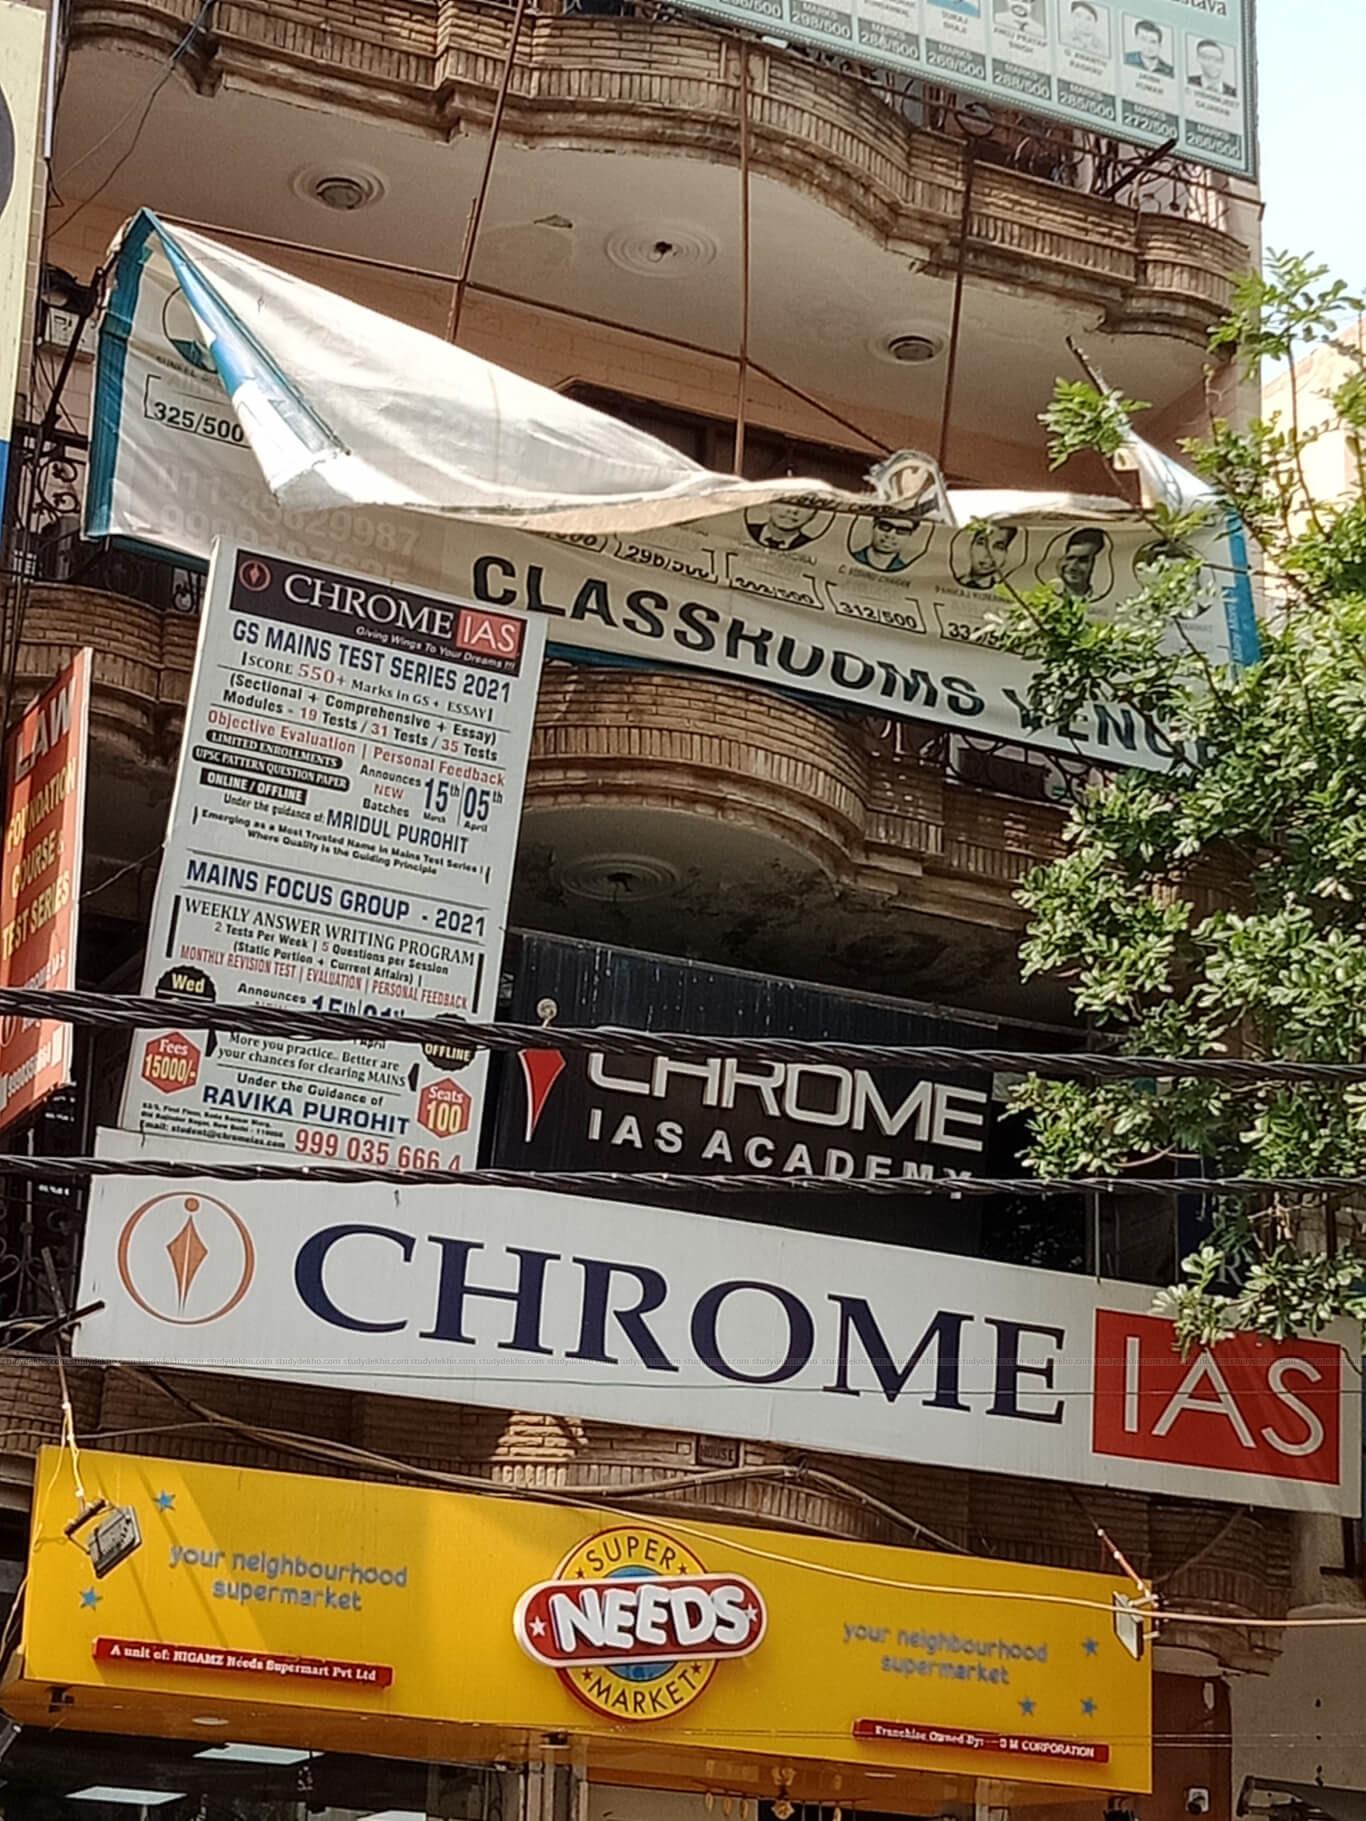 CHROME IAS ACADEMY Logo